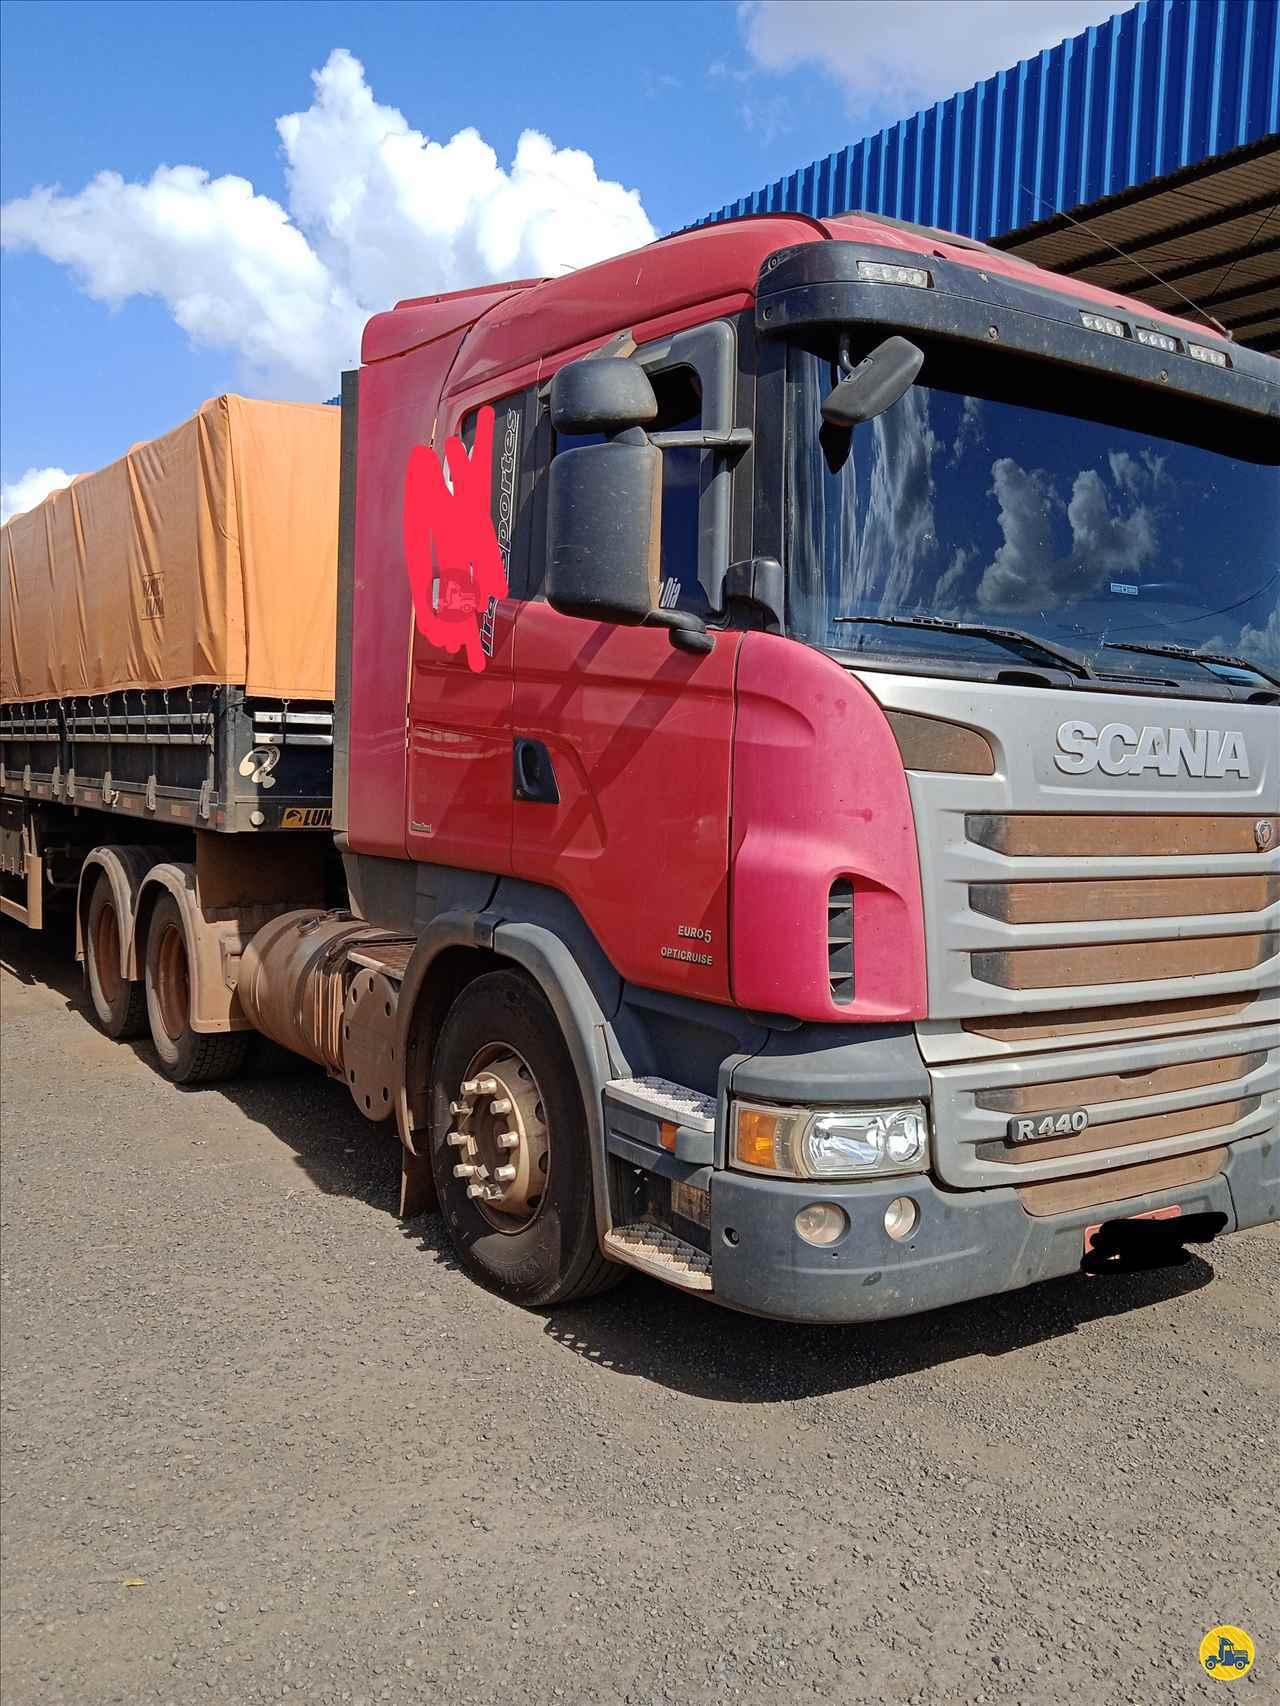 CAMINHAO SCANIA SCANIA 440 Cavalo Mecânico Traçado 6x4 Mundial Caminhões e Carretas PALMITAL SÃO PAULO SP